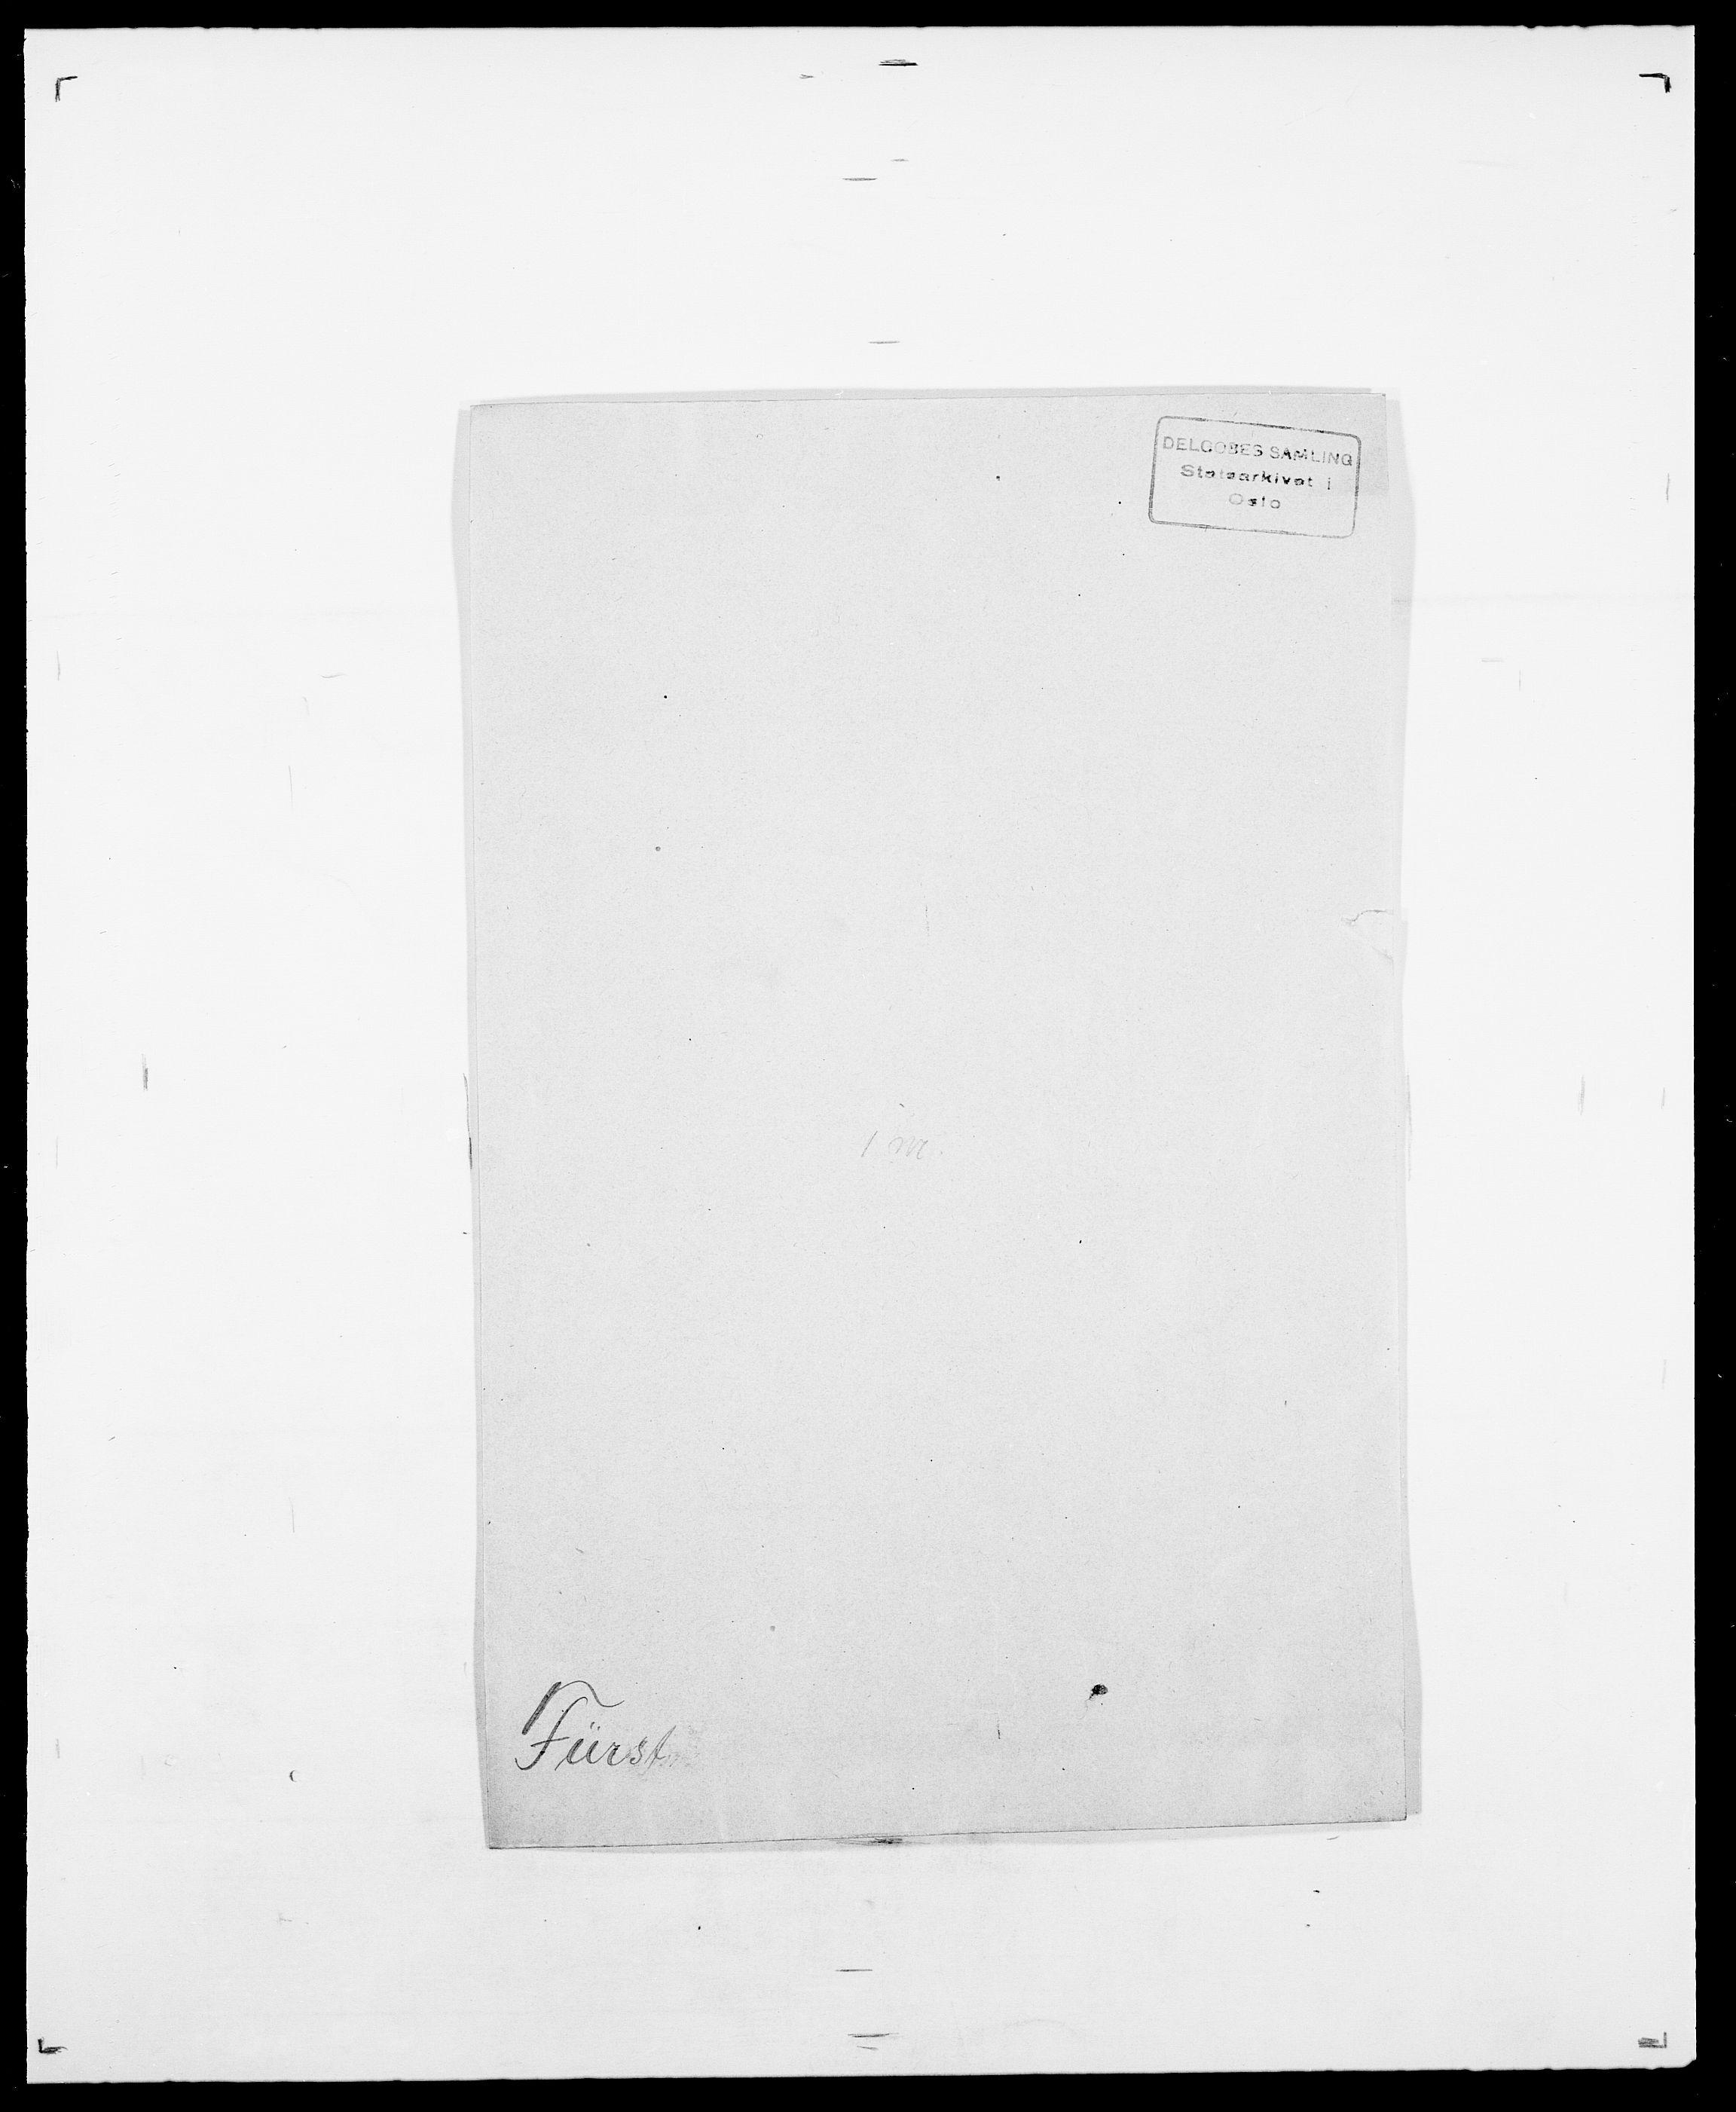 SAO, Delgobe, Charles Antoine - samling, D/Da/L0013: Forbos - Geving, s. 257